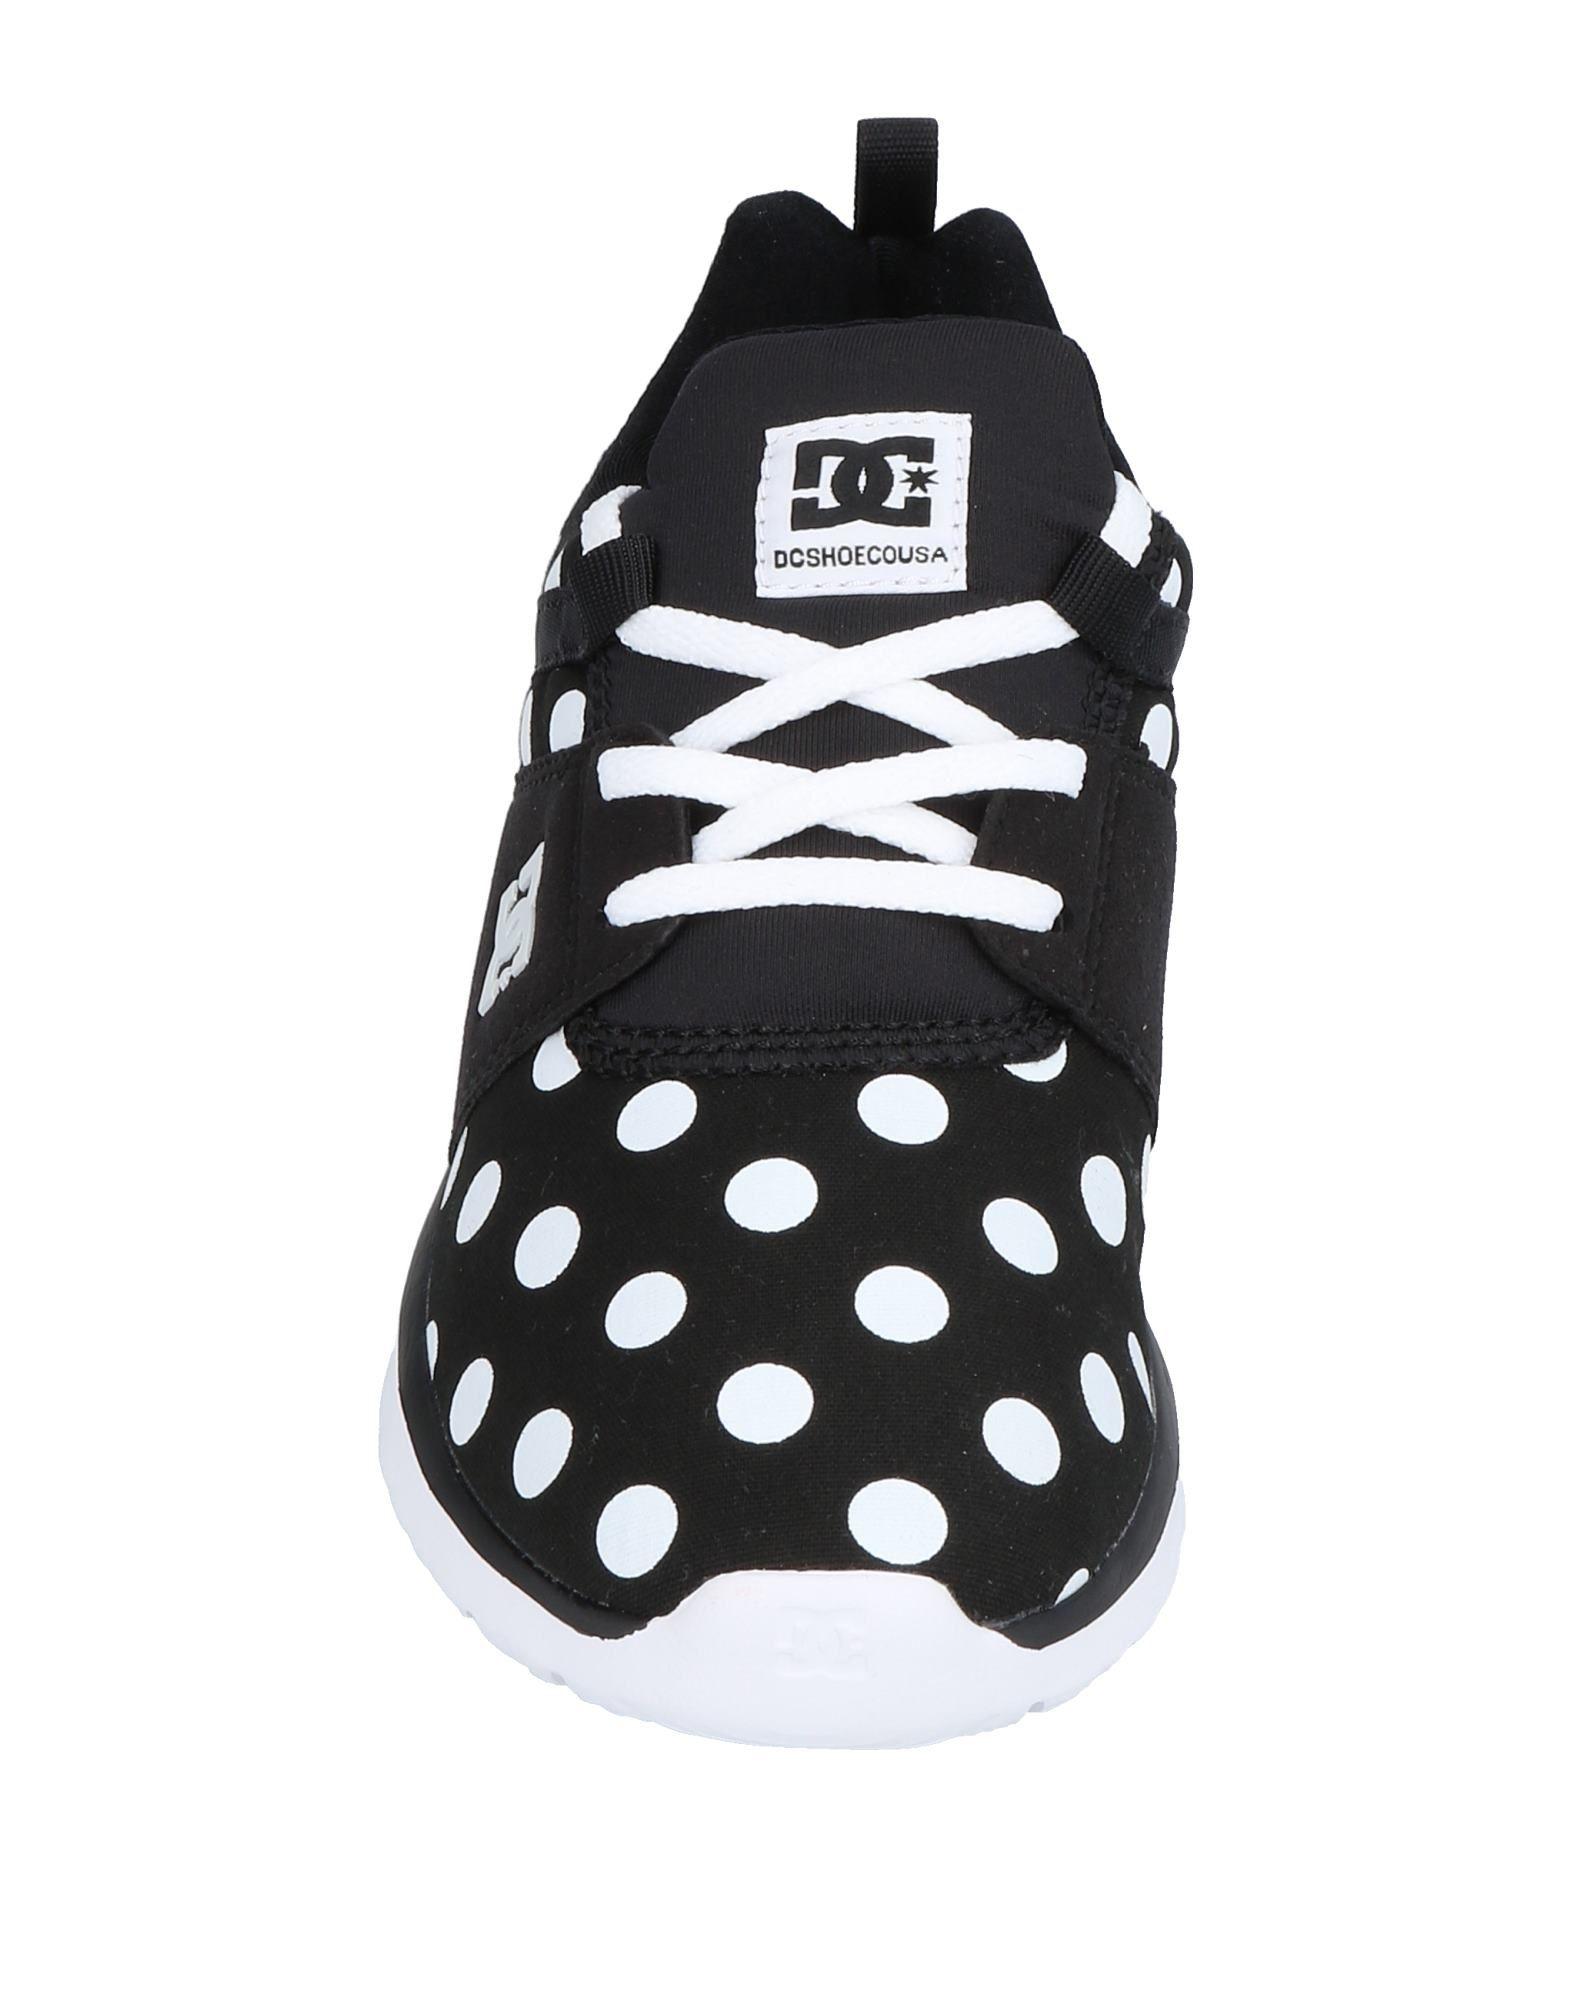 Dc Shoecousa Sneakers Damen  11462149MG Gute Gute Gute Qualität beliebte Schuhe 6b40be